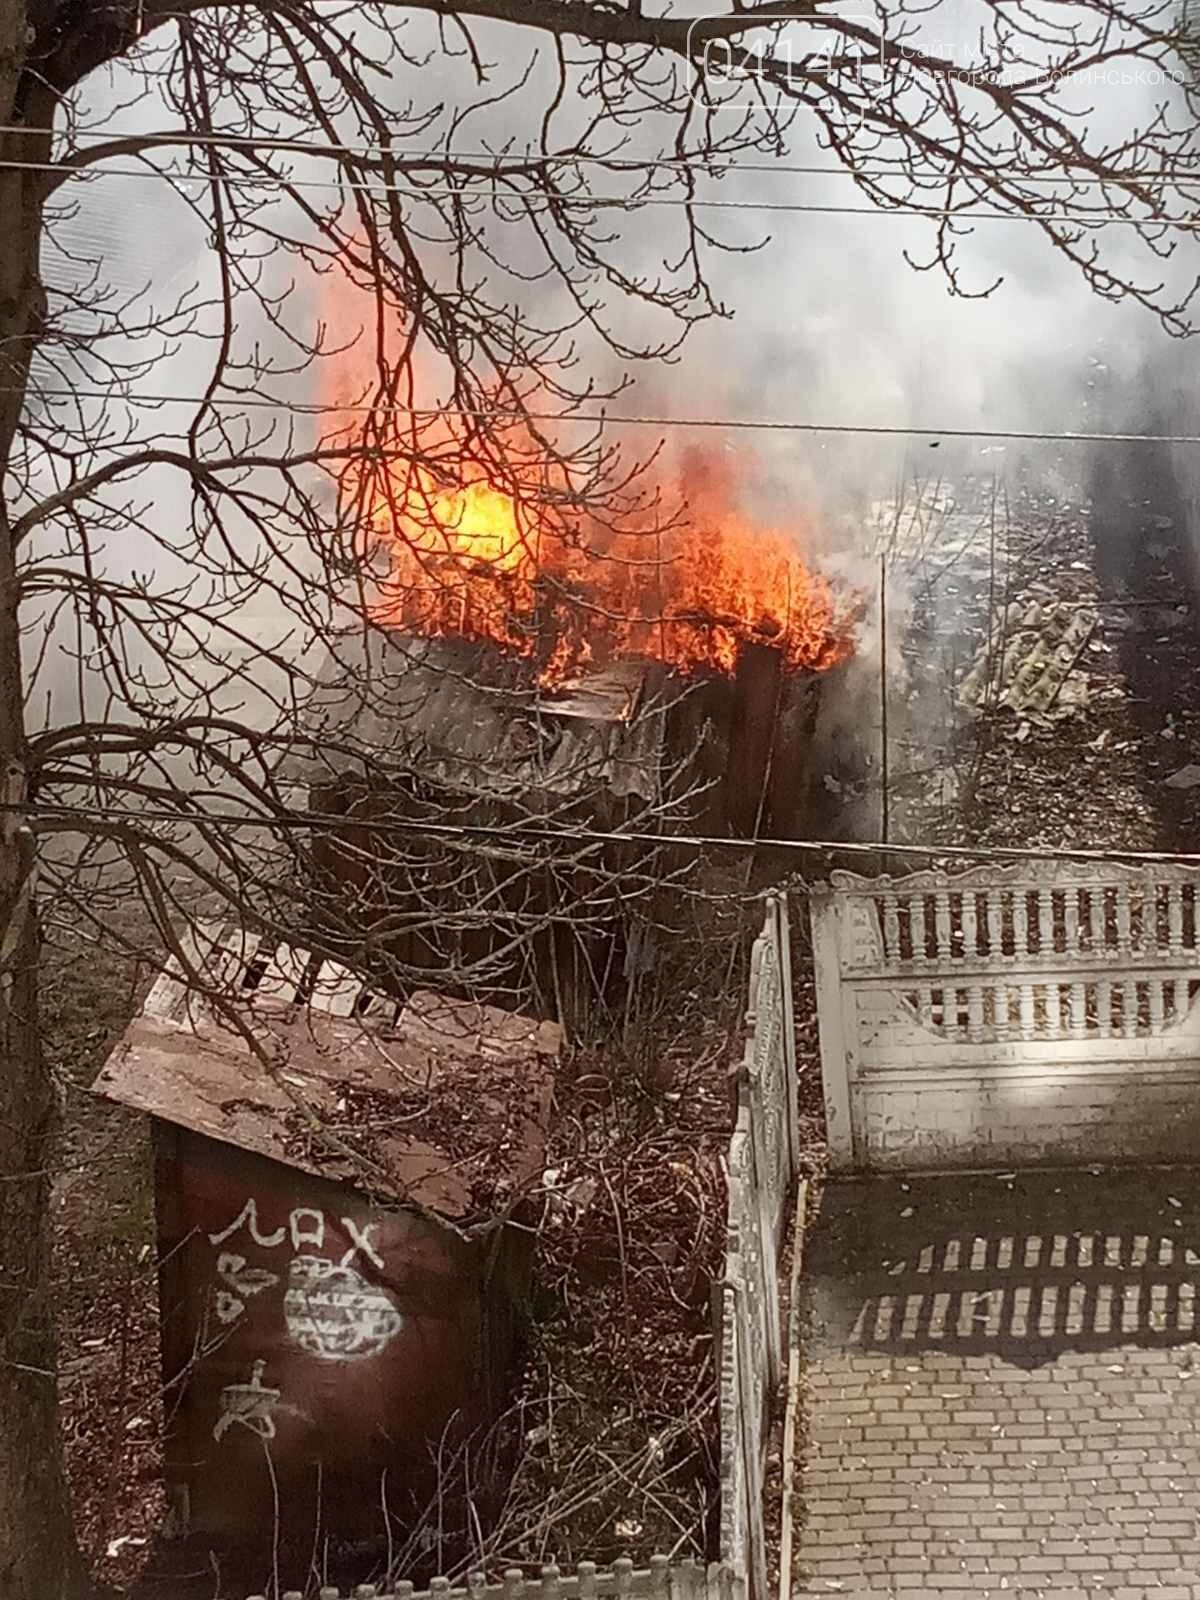 У Новограді сталася пожежа (ФОТО, ВІДЕО З МІСЦЯ ПОДІЇ), фото-2